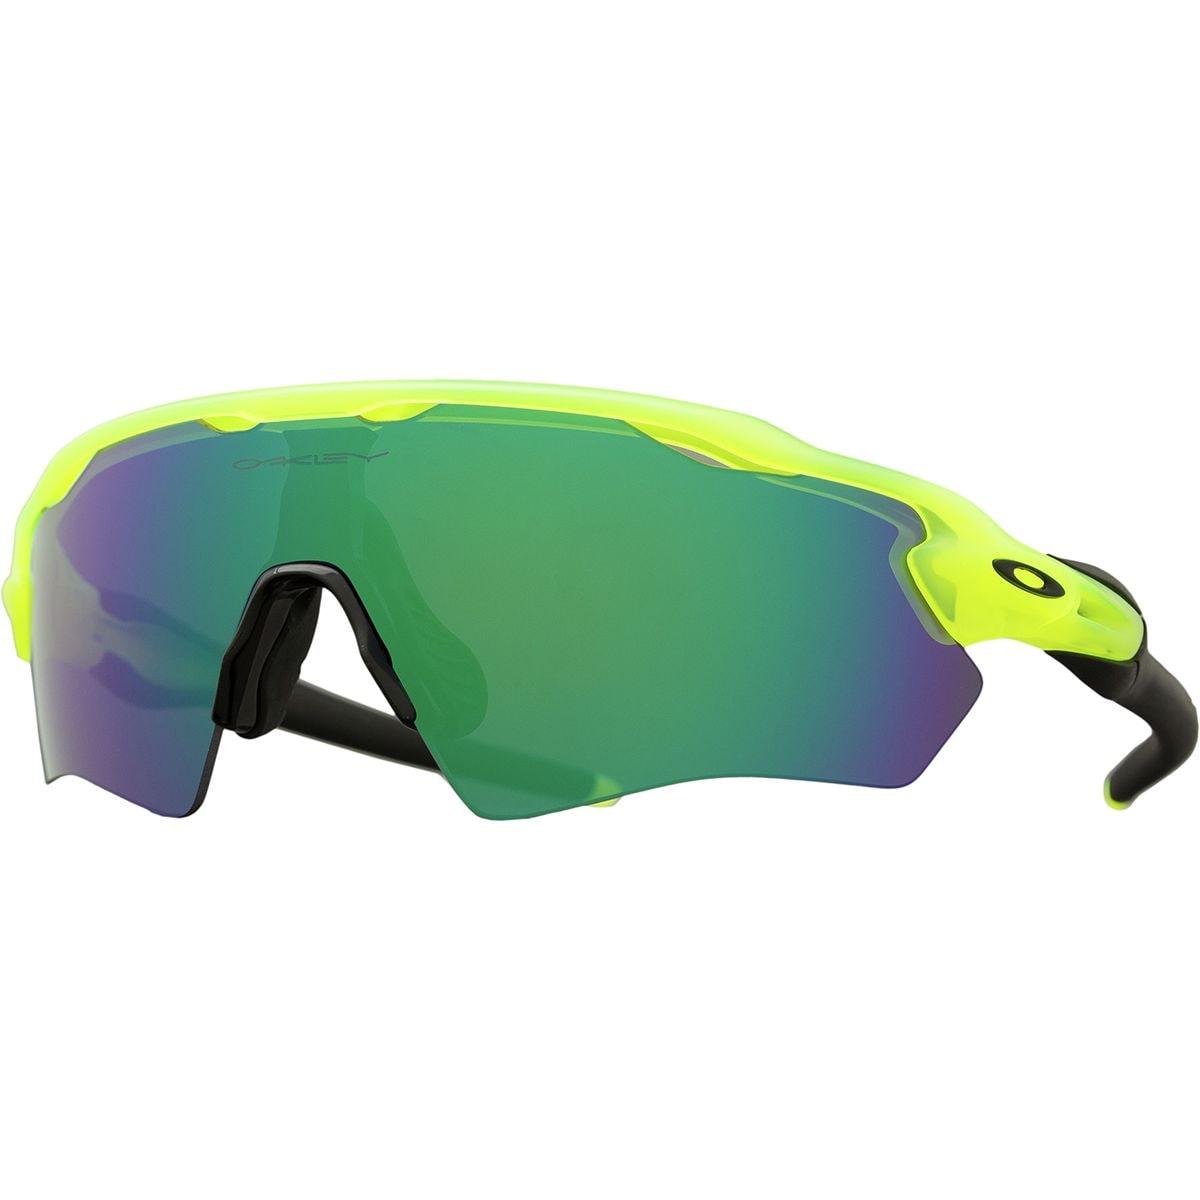 Oakley Radar EV XS Sunglasses - Kids' - Men's